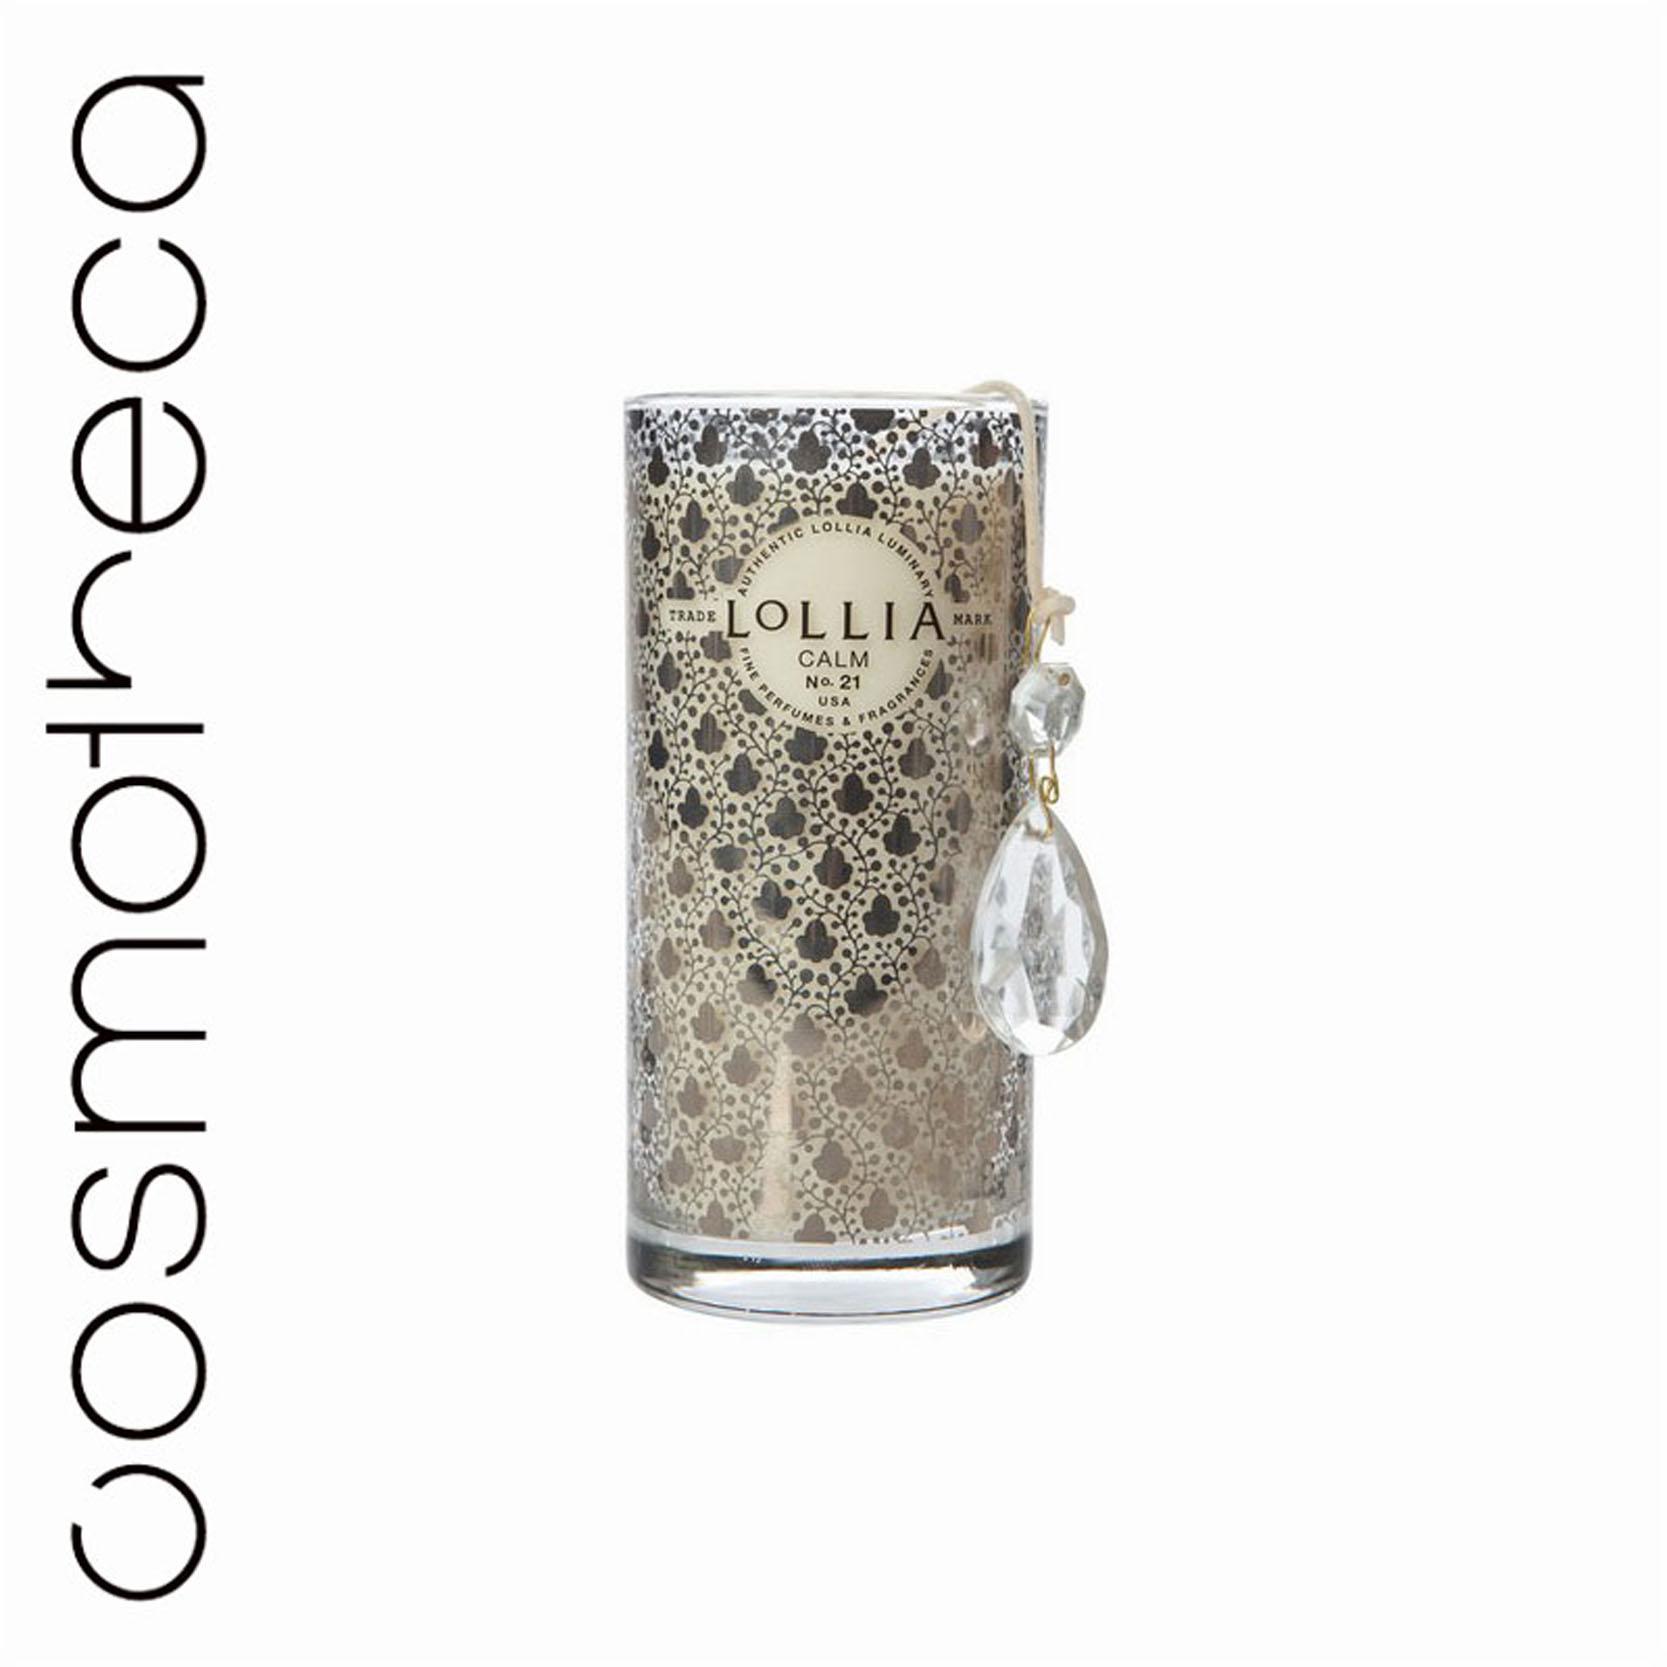 Lollia Свеча ароматизированная Покой, 300 гTKM10Q1CДорожная ароматизированная свеча Lollia Покой. Ароматические ноты: гиацинт, коренья, ветивер, ирис, цитрусовые.